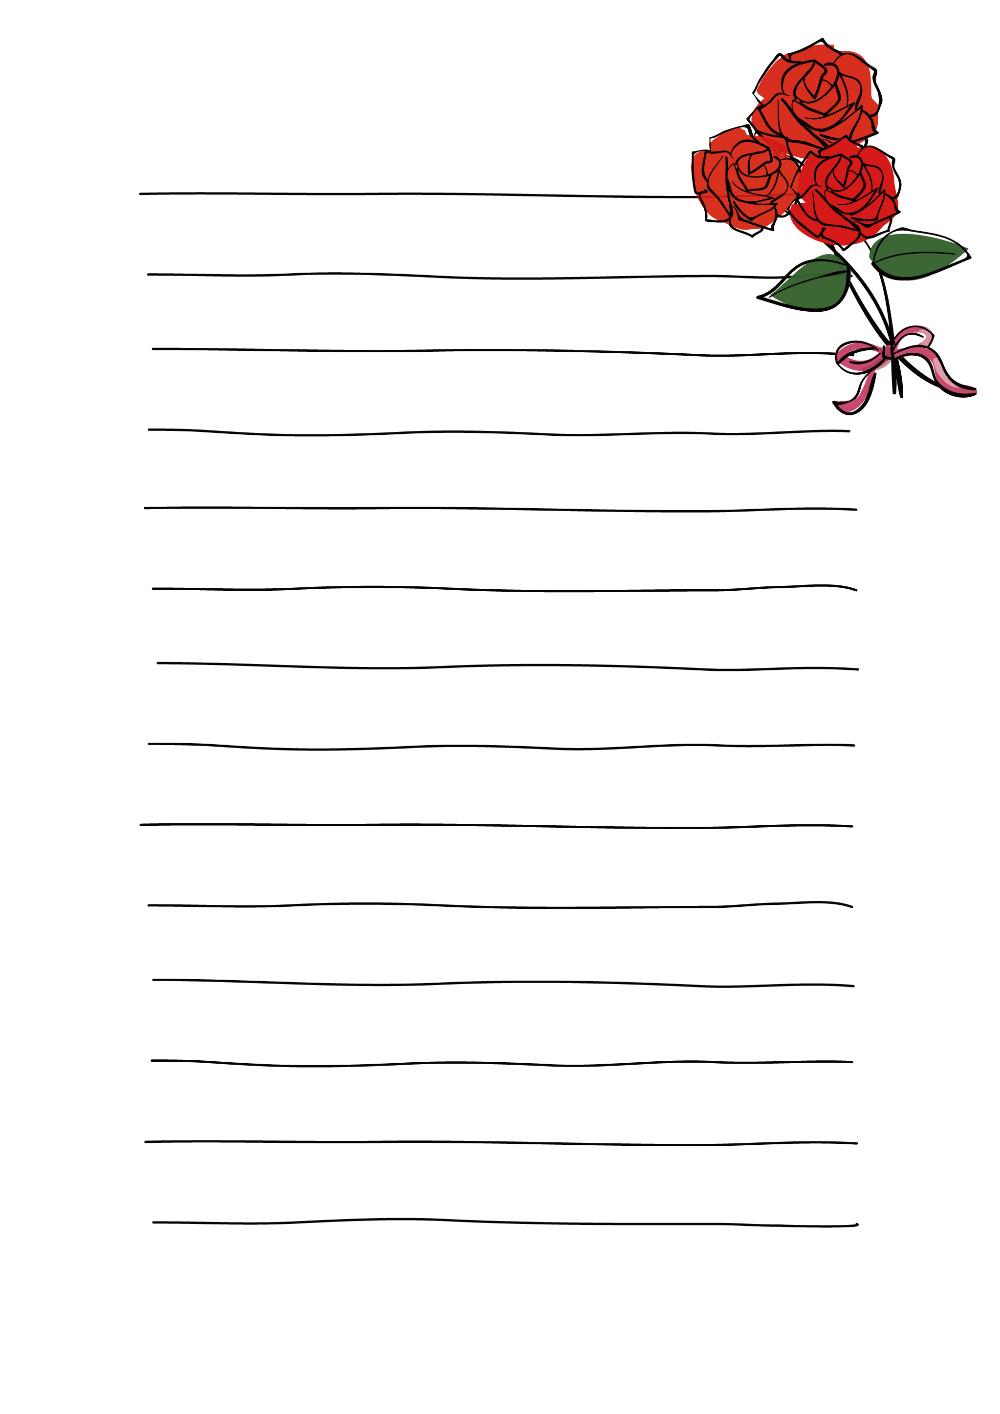 便箋テンプレート お祝いのバラ ダウンロード かわいい無料イラスト